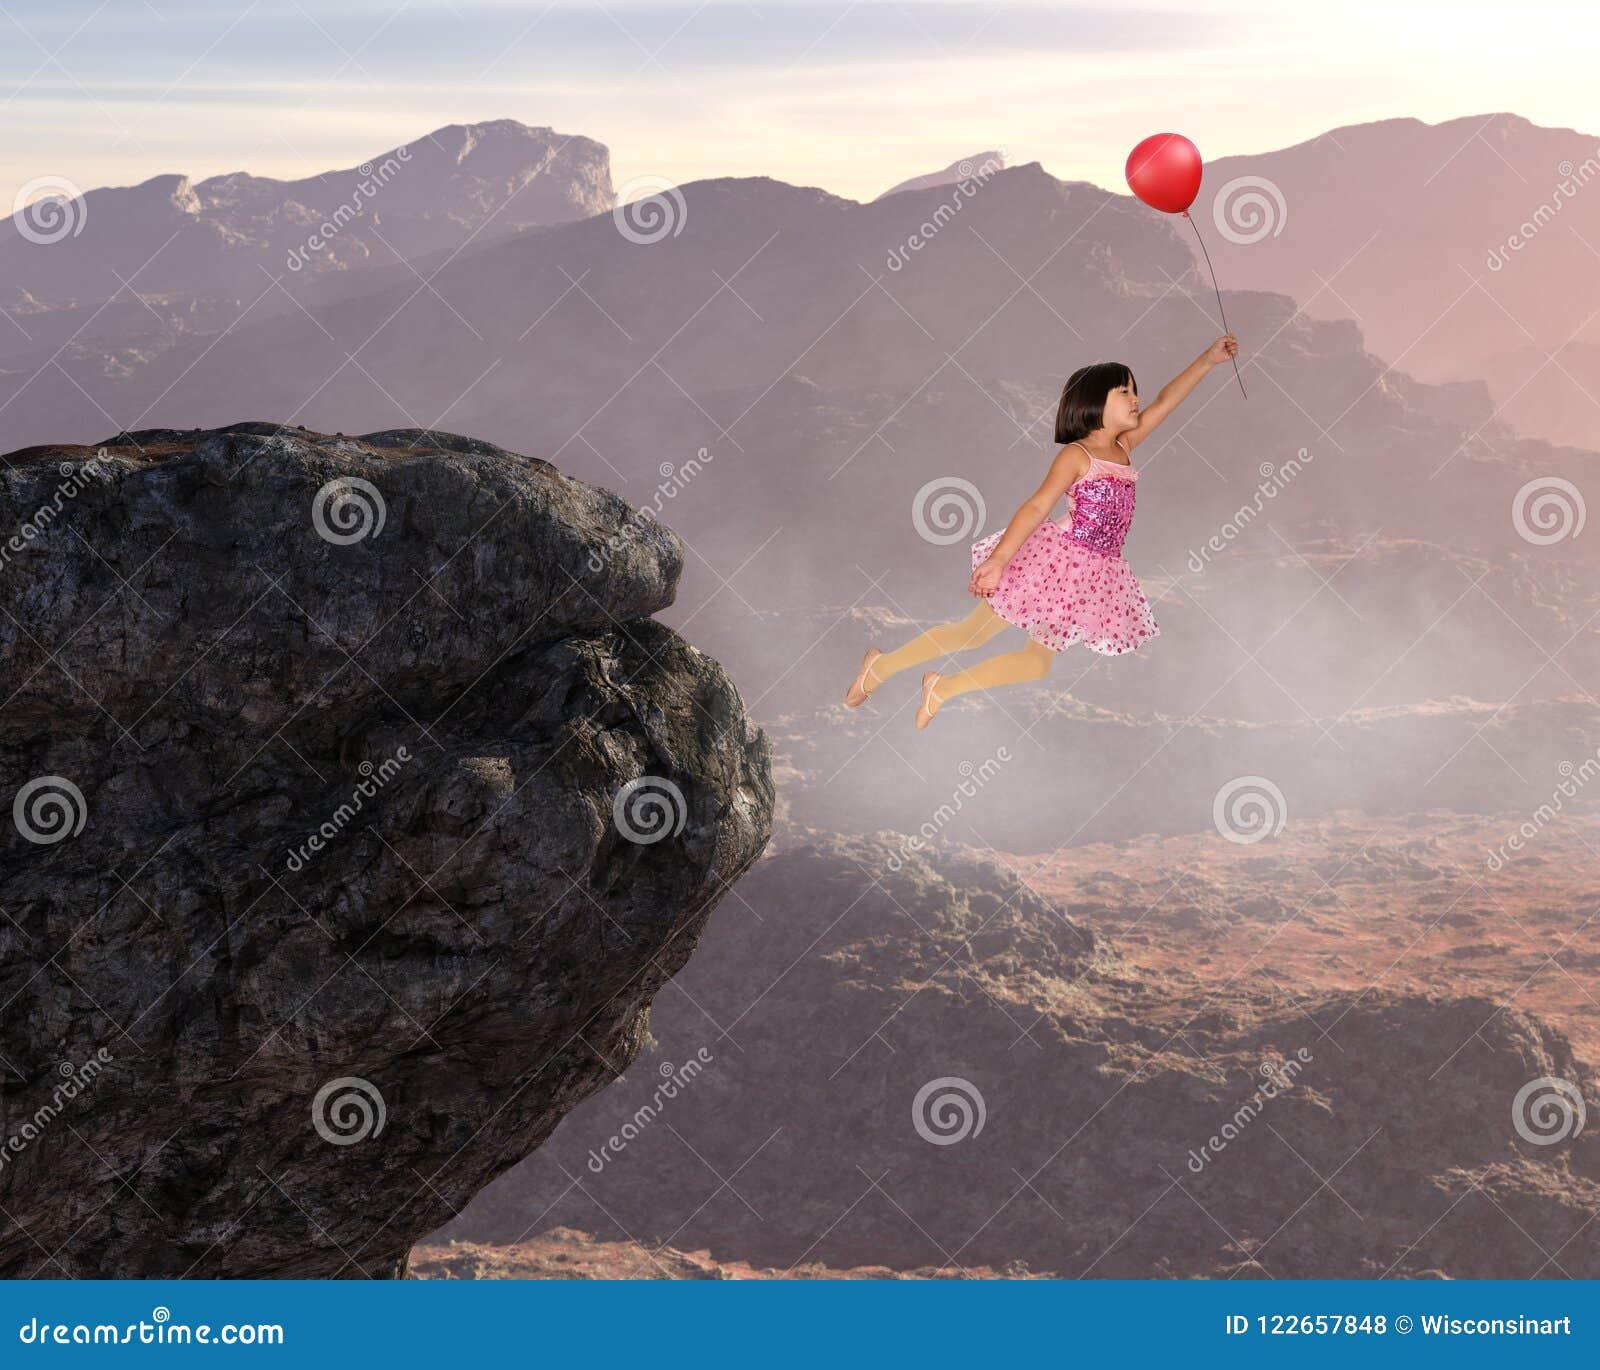 Volo della ragazza, pace, speranza, amore, natura, rinascita spirituale